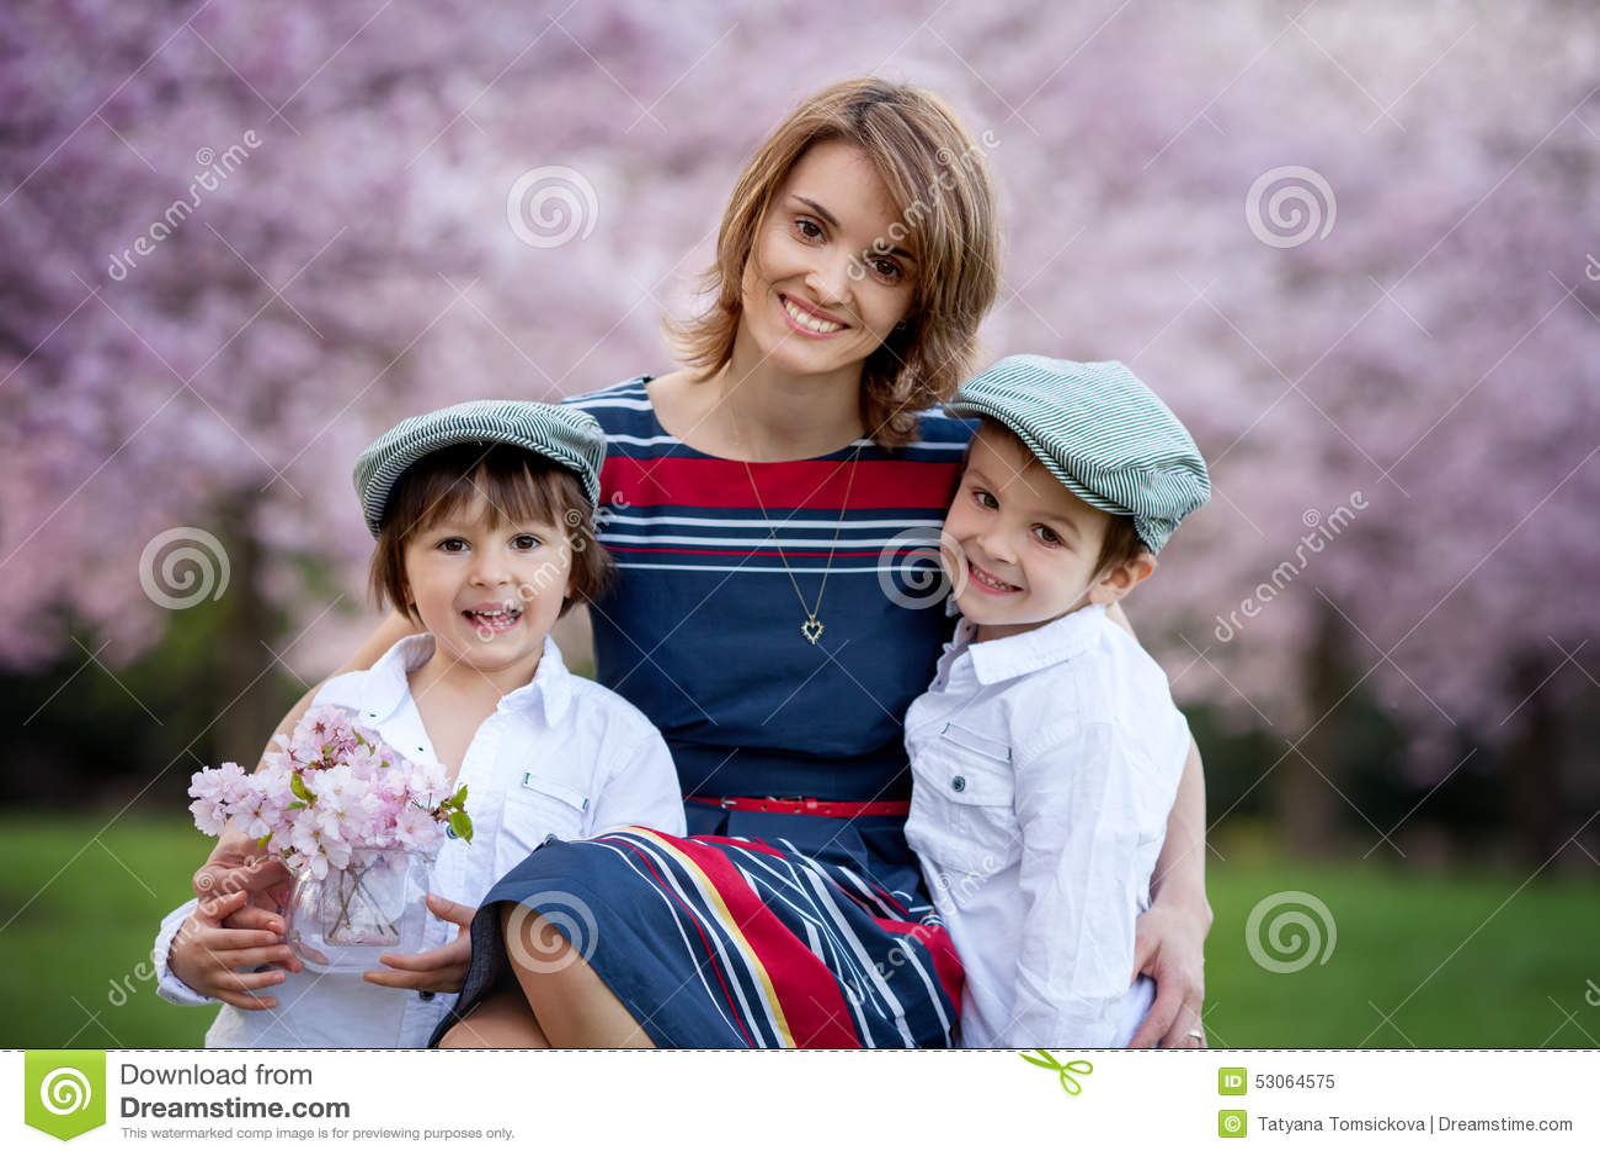 spring park single parents Moms' & dads' groups  bonner springs-edwardsville parents as teachers (bonner springs/edwardsville, ks)  park hill parents as teachers.